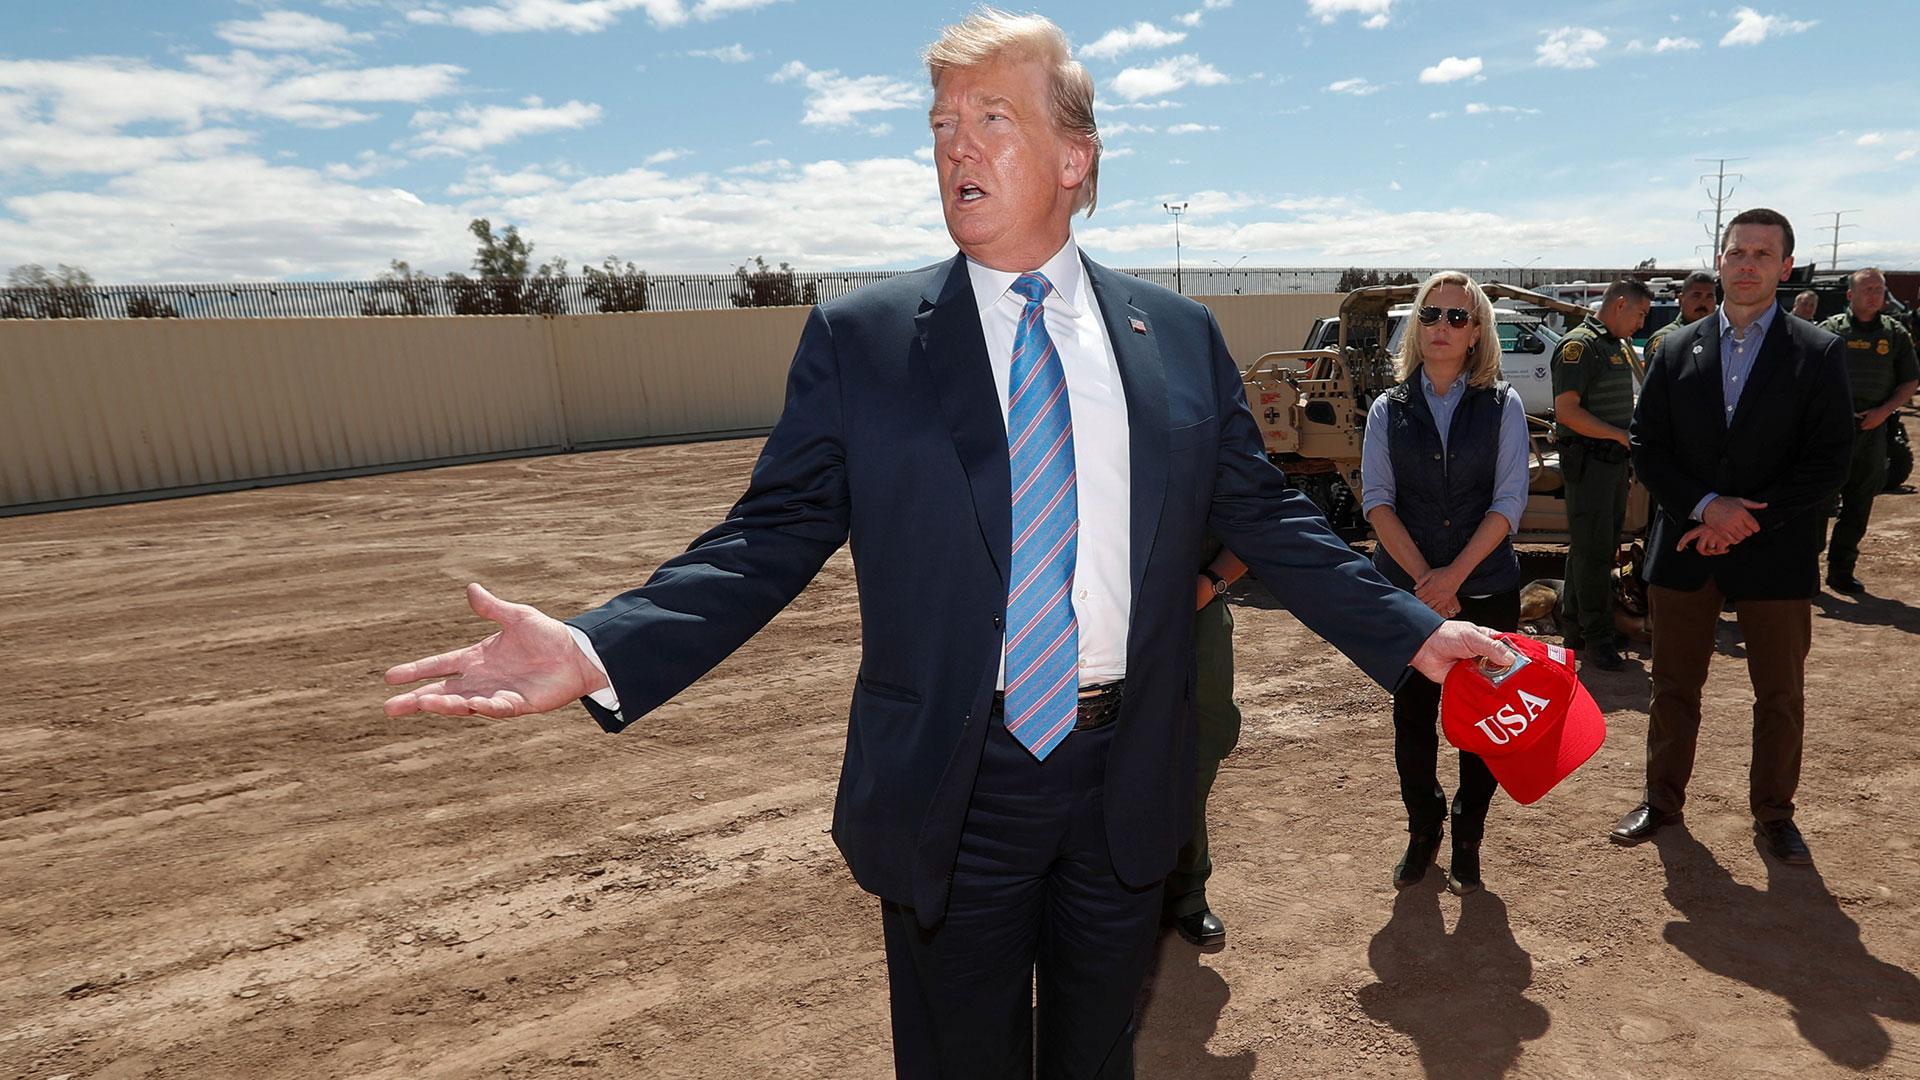 Donald Trump en la frontera de EEUU con México el 5 de abril de 2019 (Reuters)